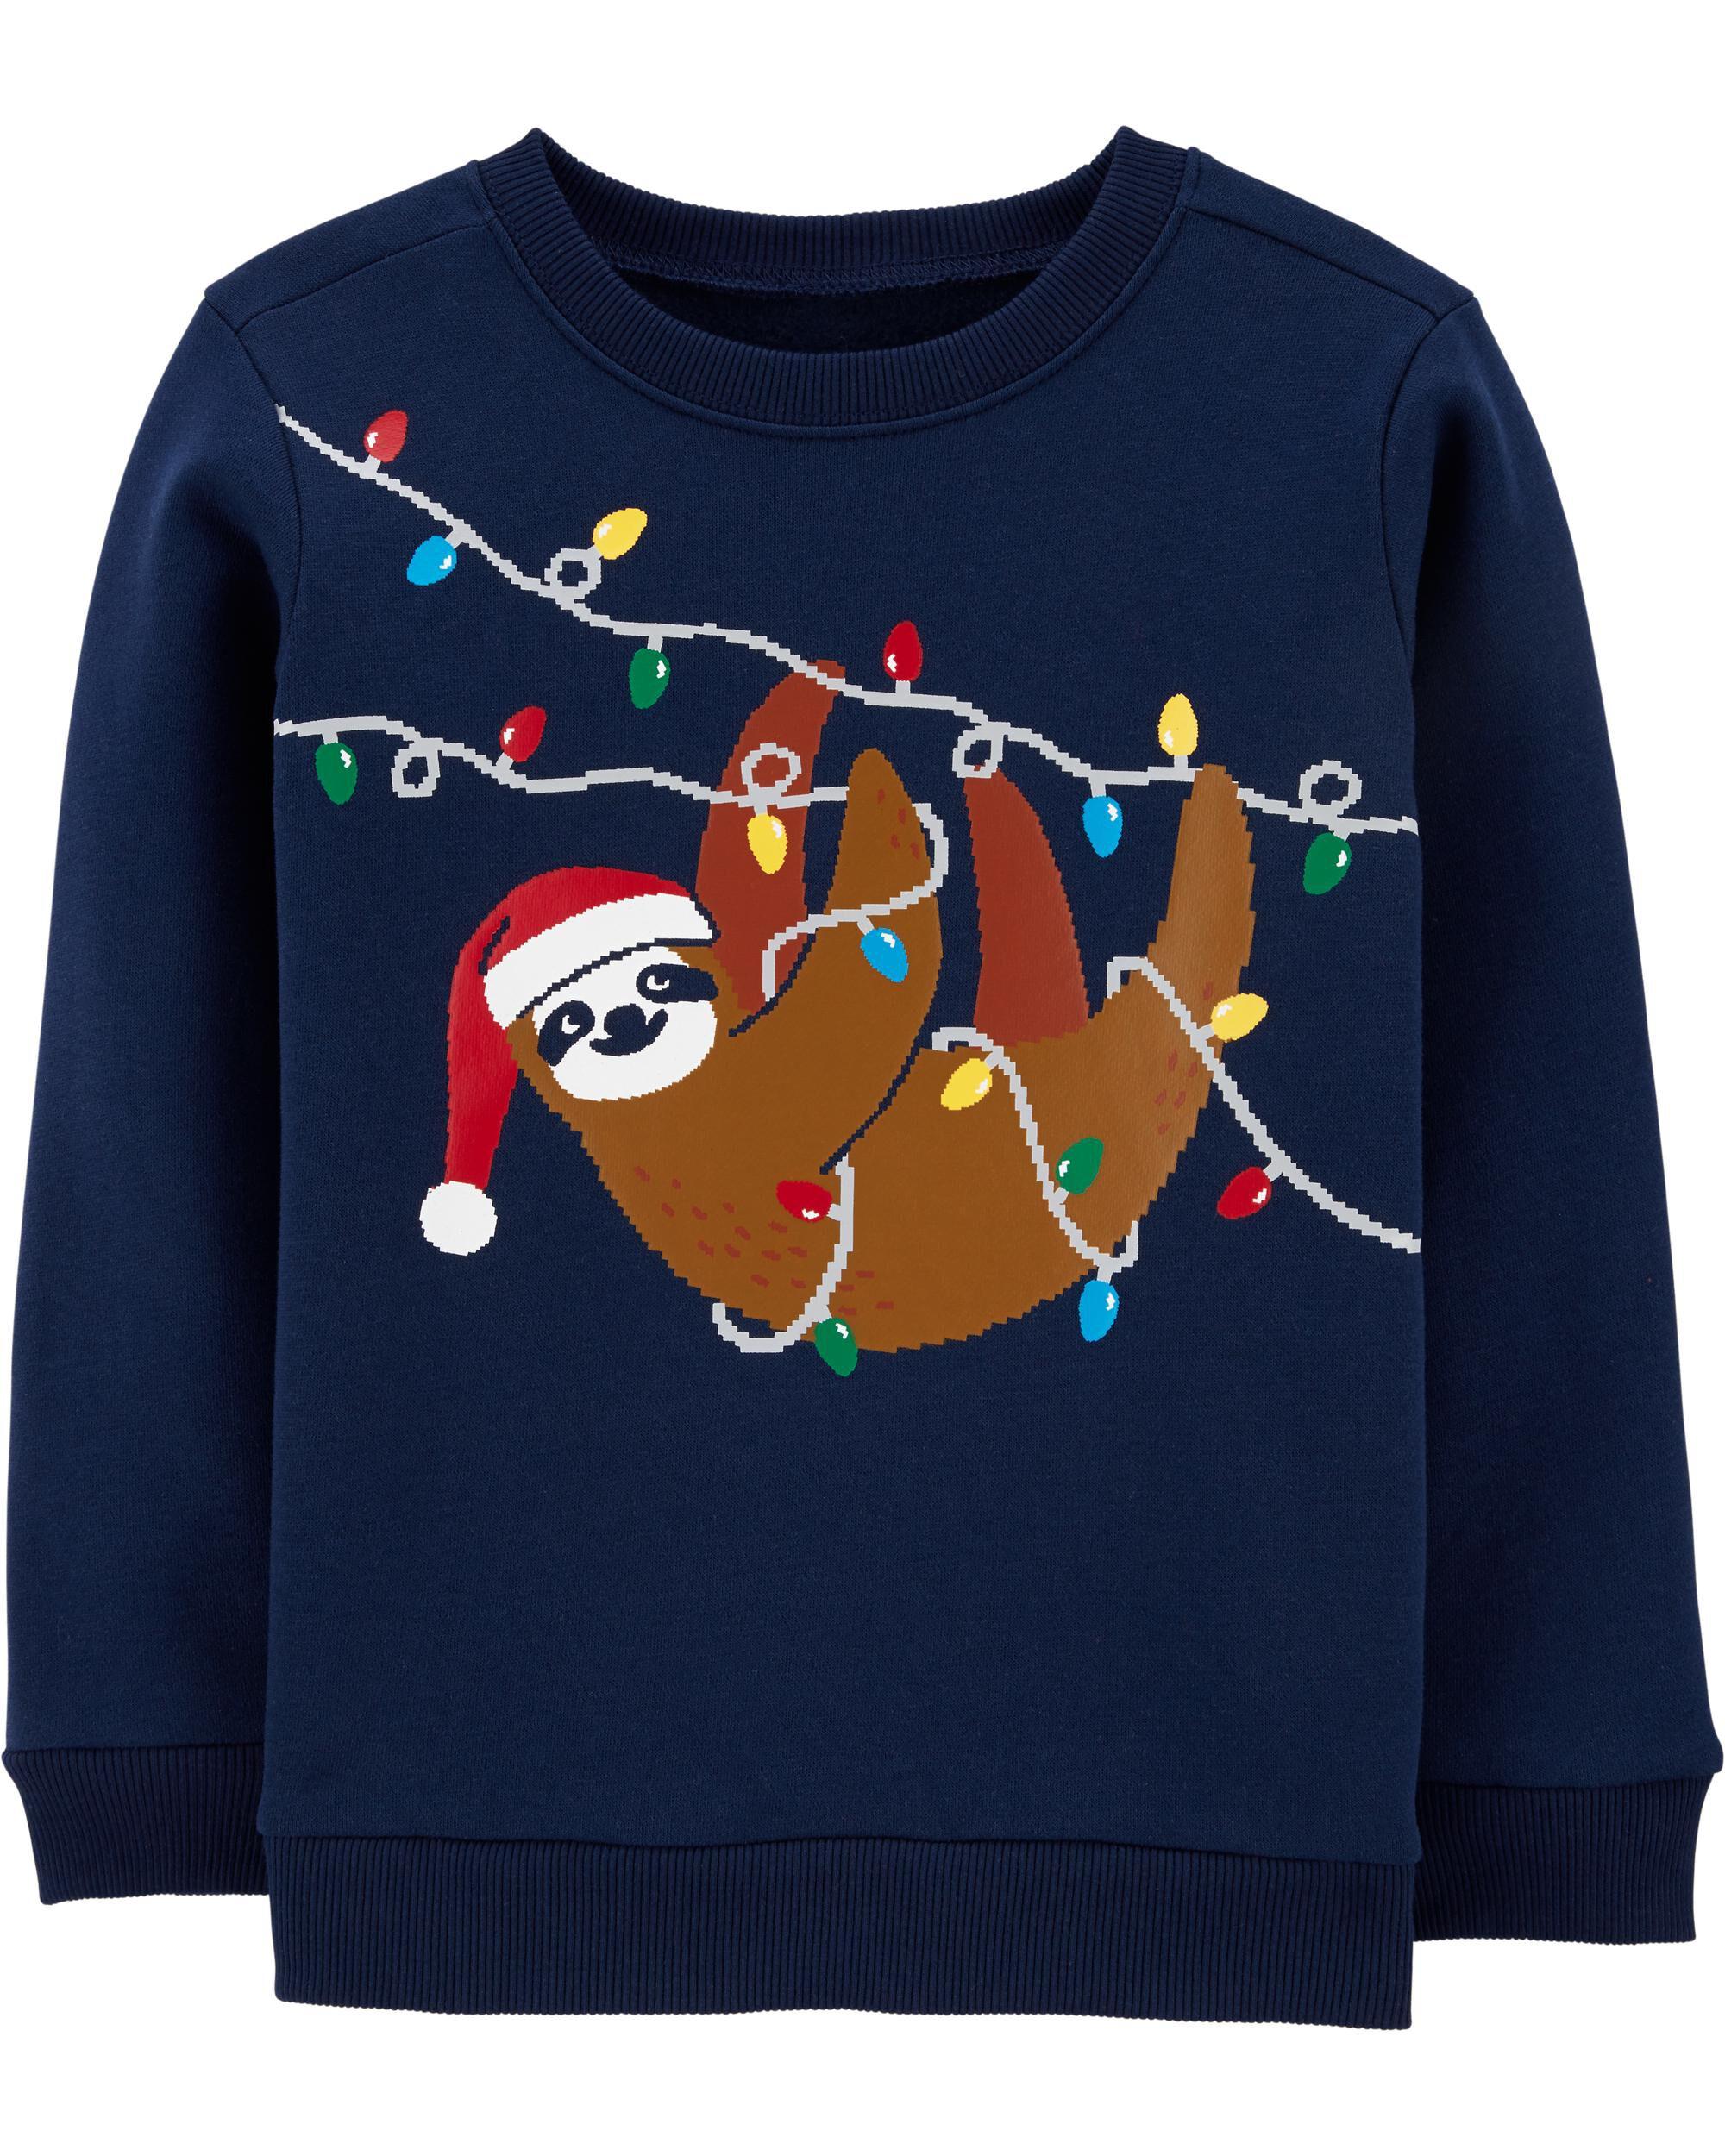 *DOORBUSTER* Sloth Christmas Crew Neck Sweatshirt